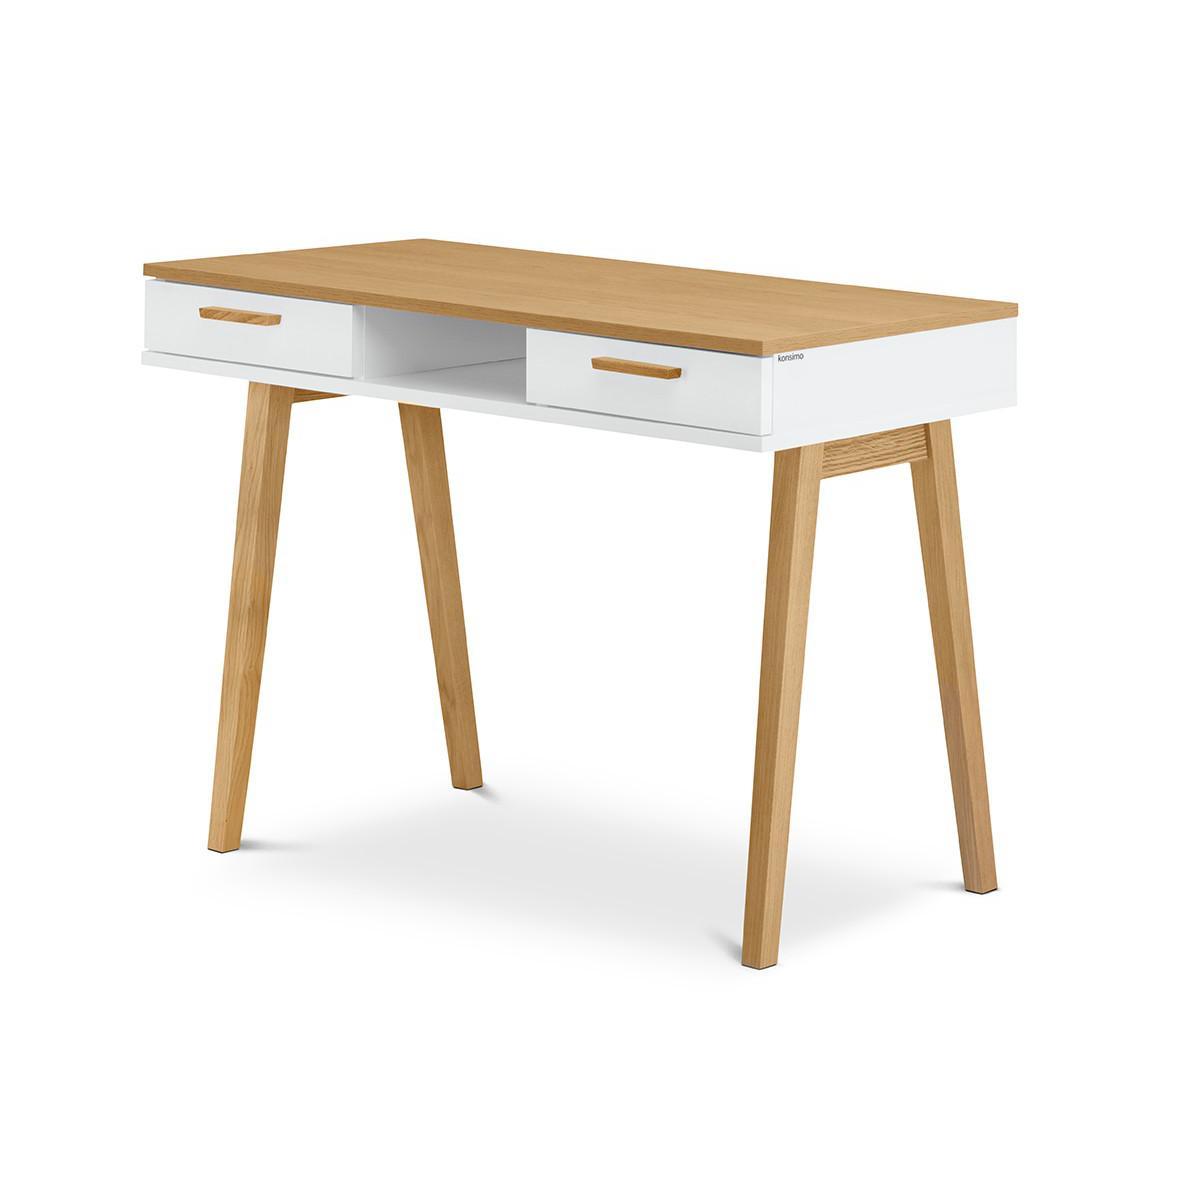 Hucoco FRILI | Bureau informatique style scandinave | 100x75x48 cm | Pieds en bois + 2 tiroirs | Table d'ordinateur design nord